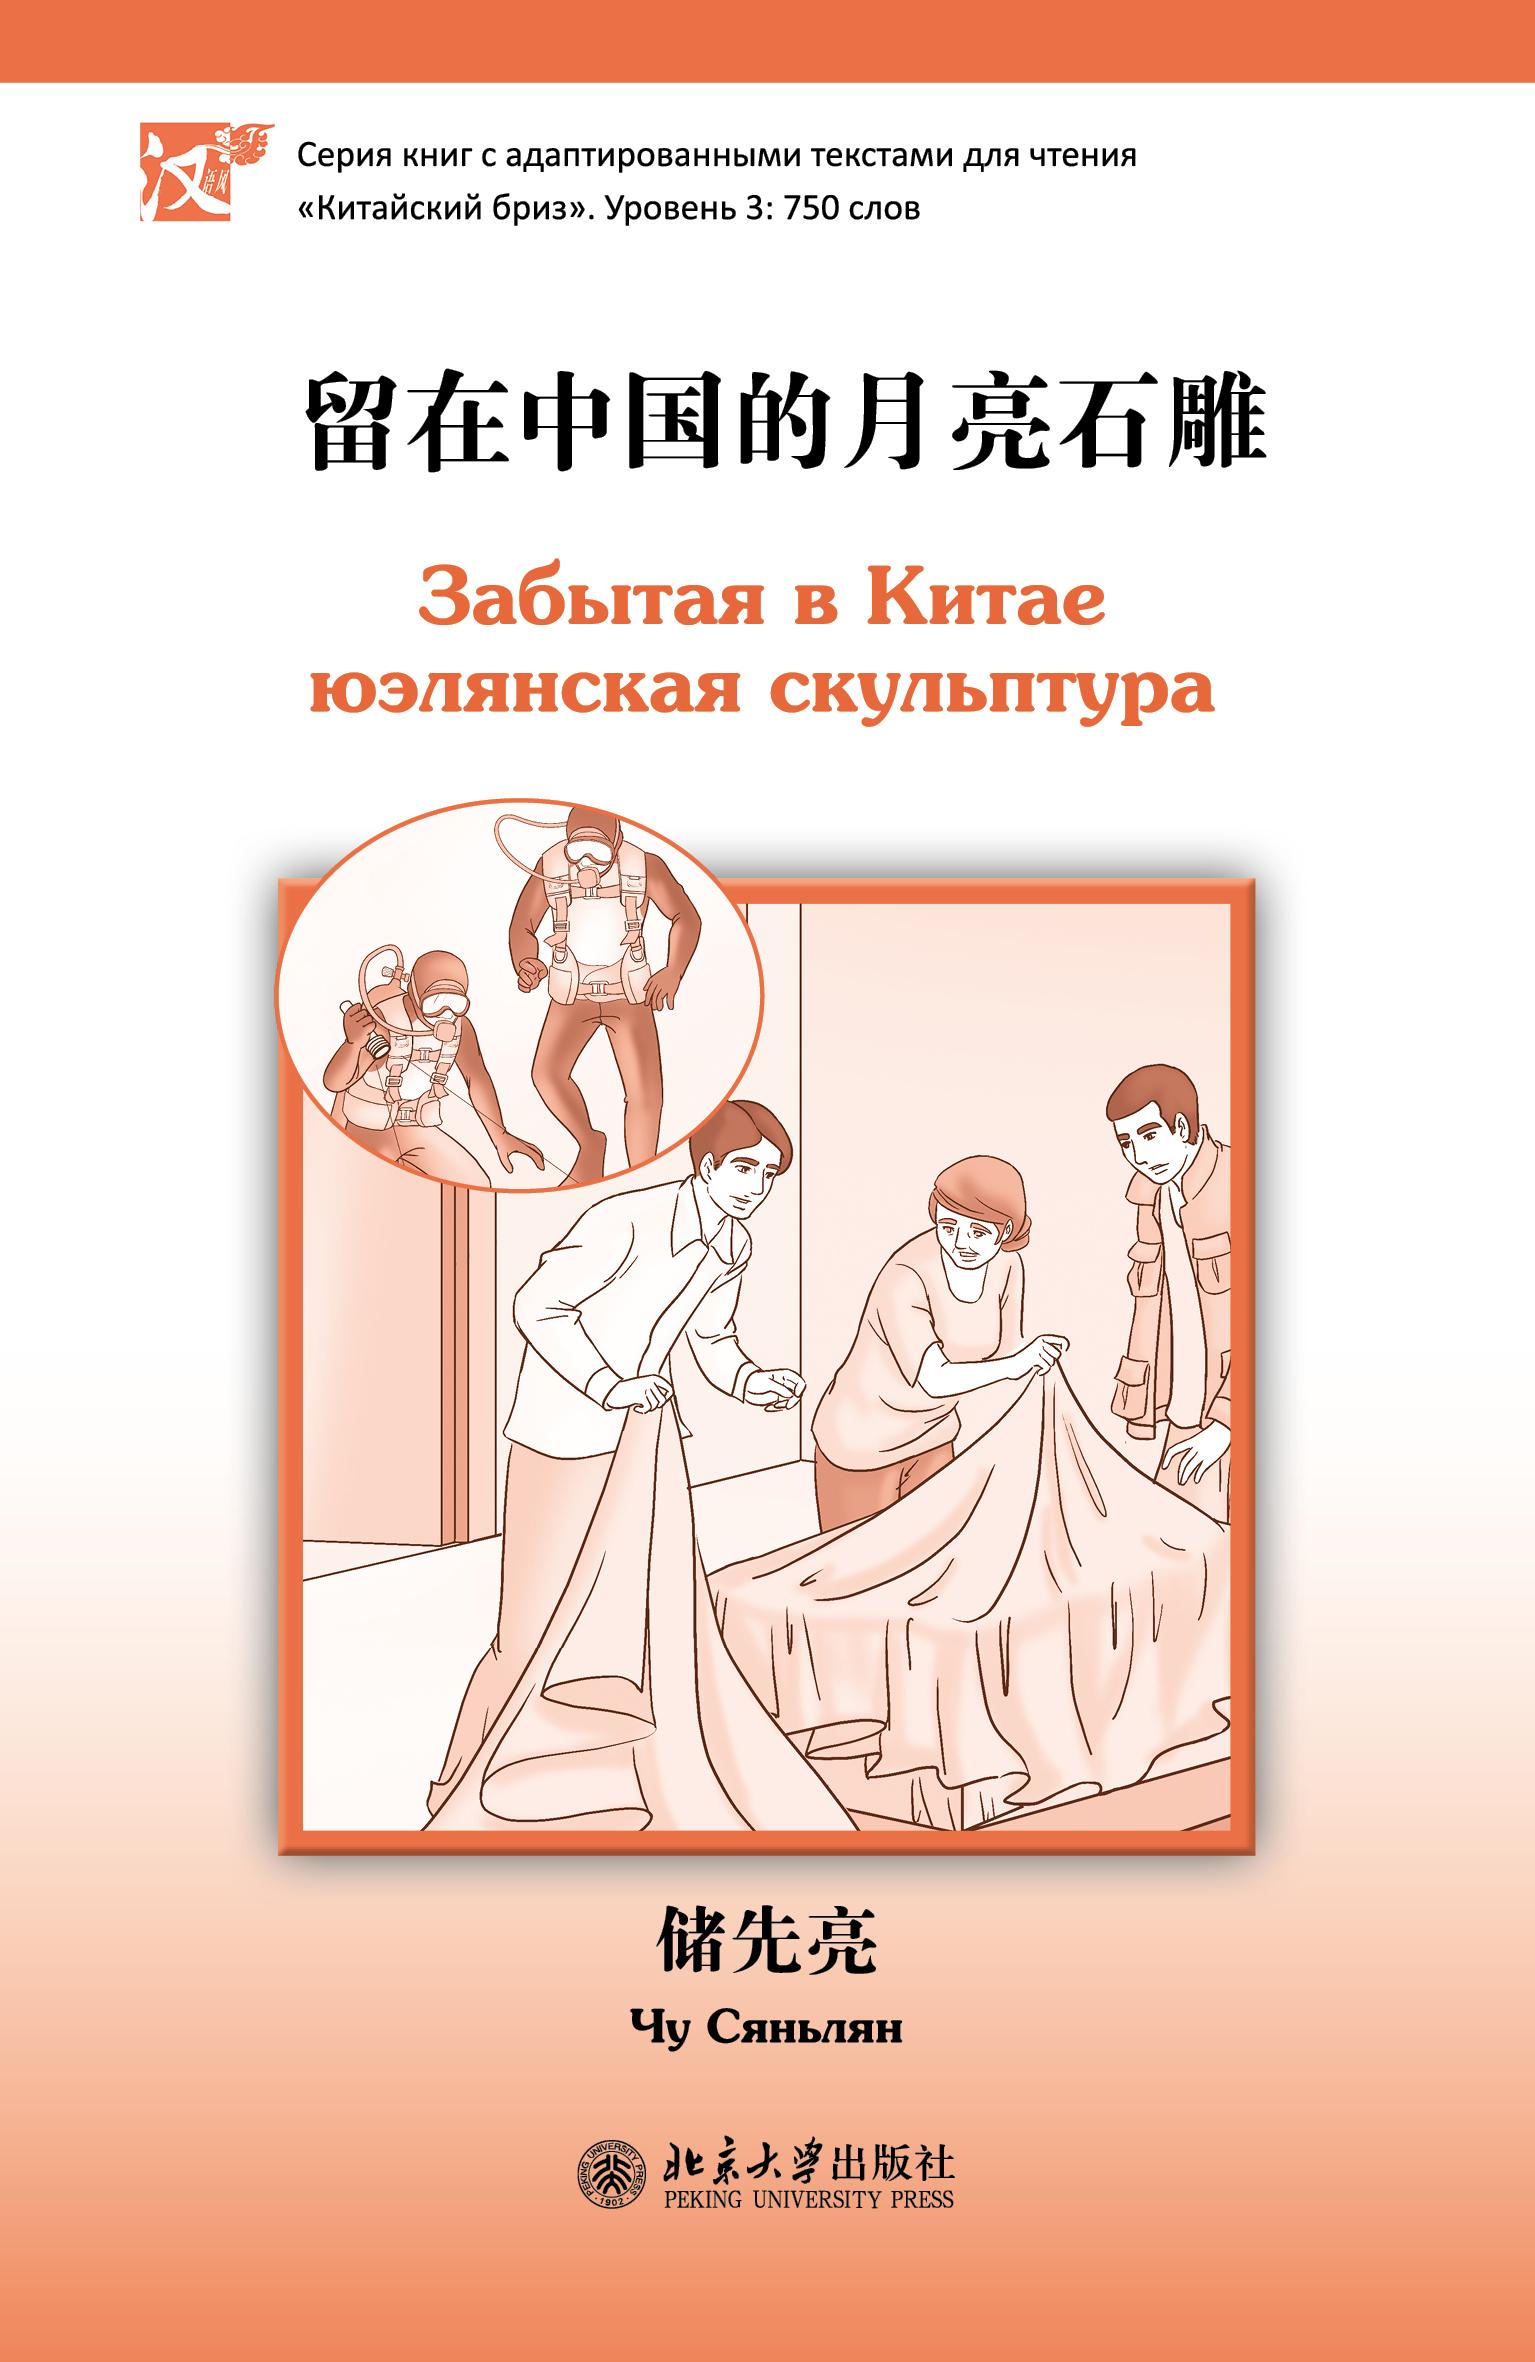 Фото - Чу Сяньлян Забытая в Китае юэлянская скульптура. Уровень 3: 750 слов скульптура